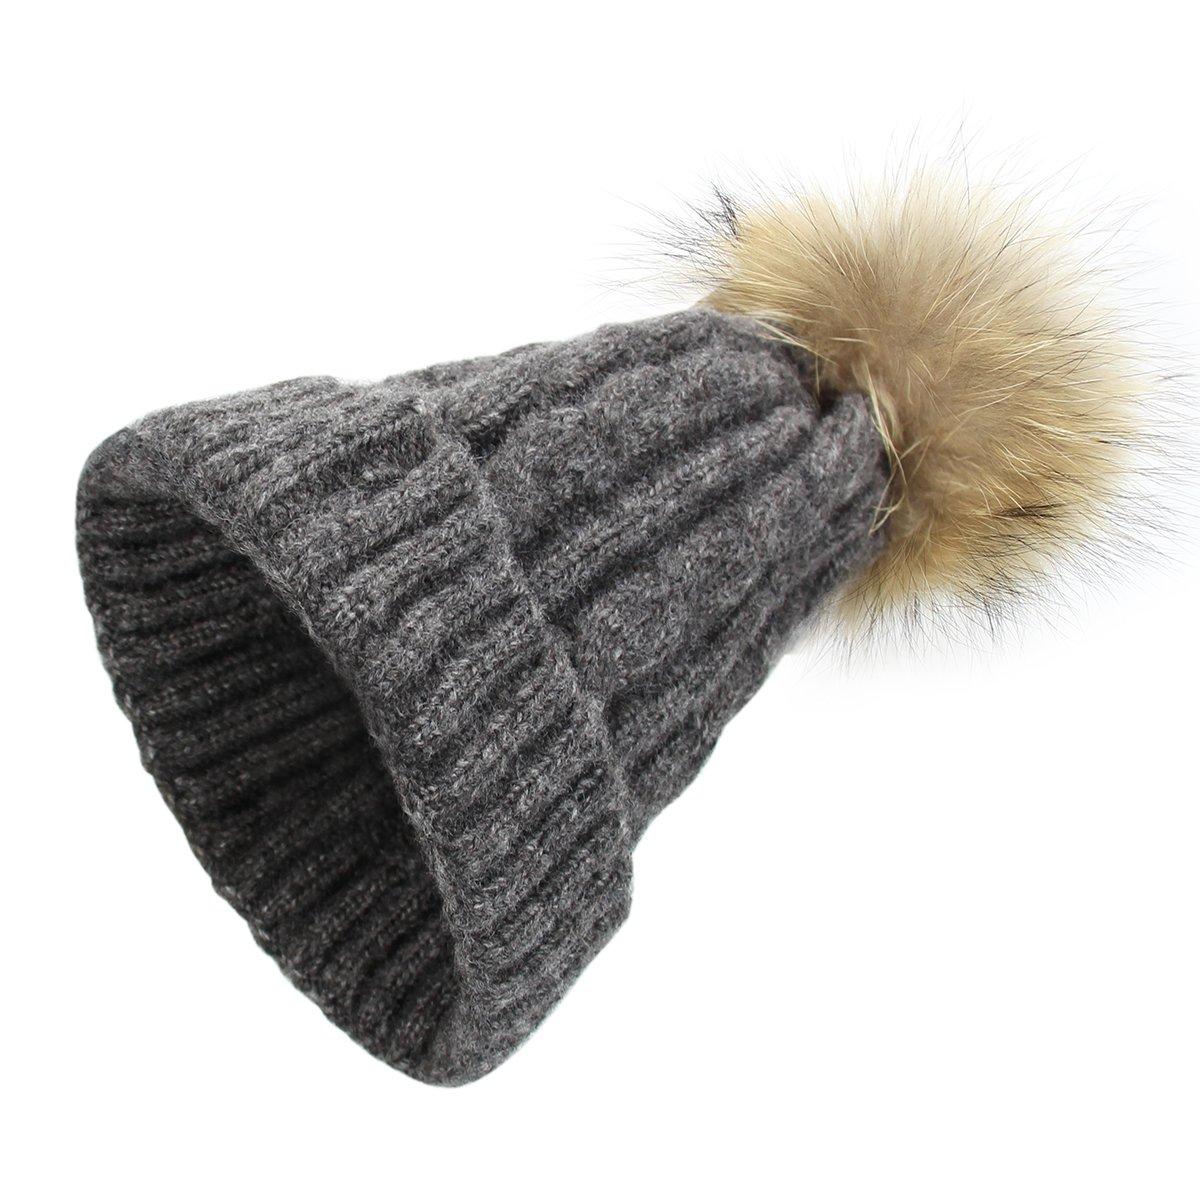 Bébé bonnet au Crochet Chapeau d'Automne-Hiver La Laine Chaude avec pompom mignon en laine tricoté de ski chauffage casquette RUNFON I88W162942F5RN664